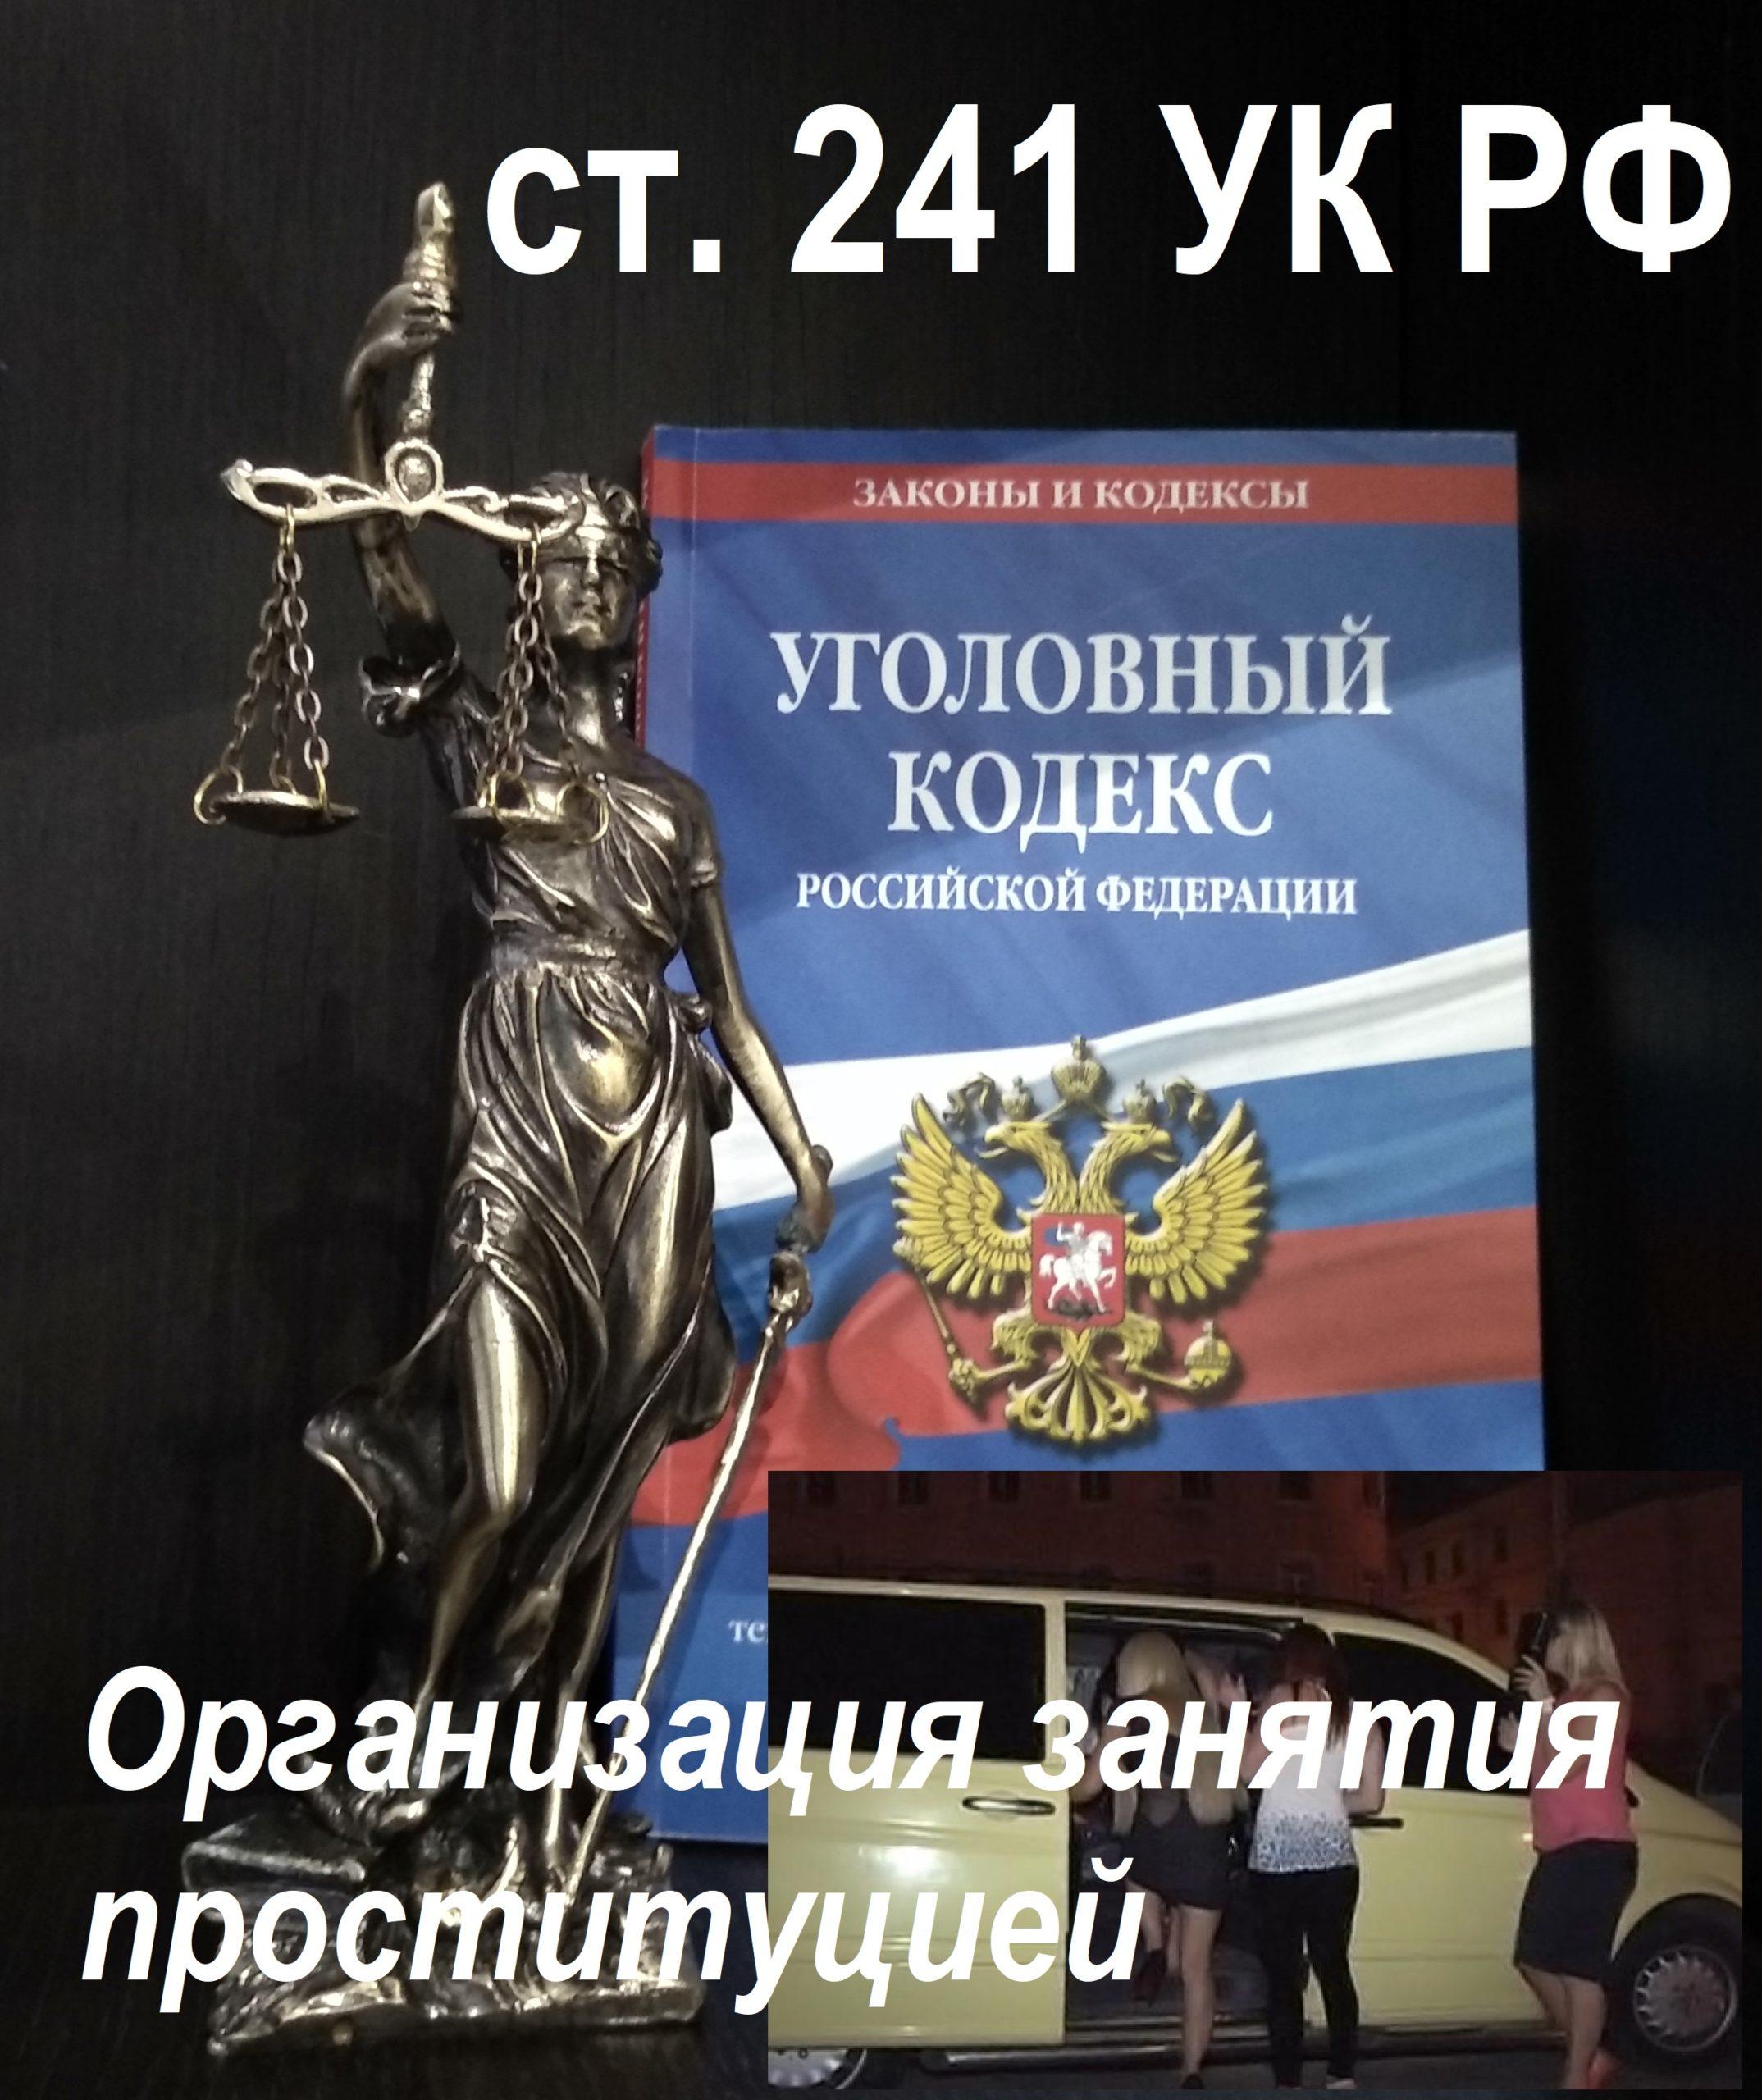 Защита по ст. 241 УК РФ Организация занятия проституцией